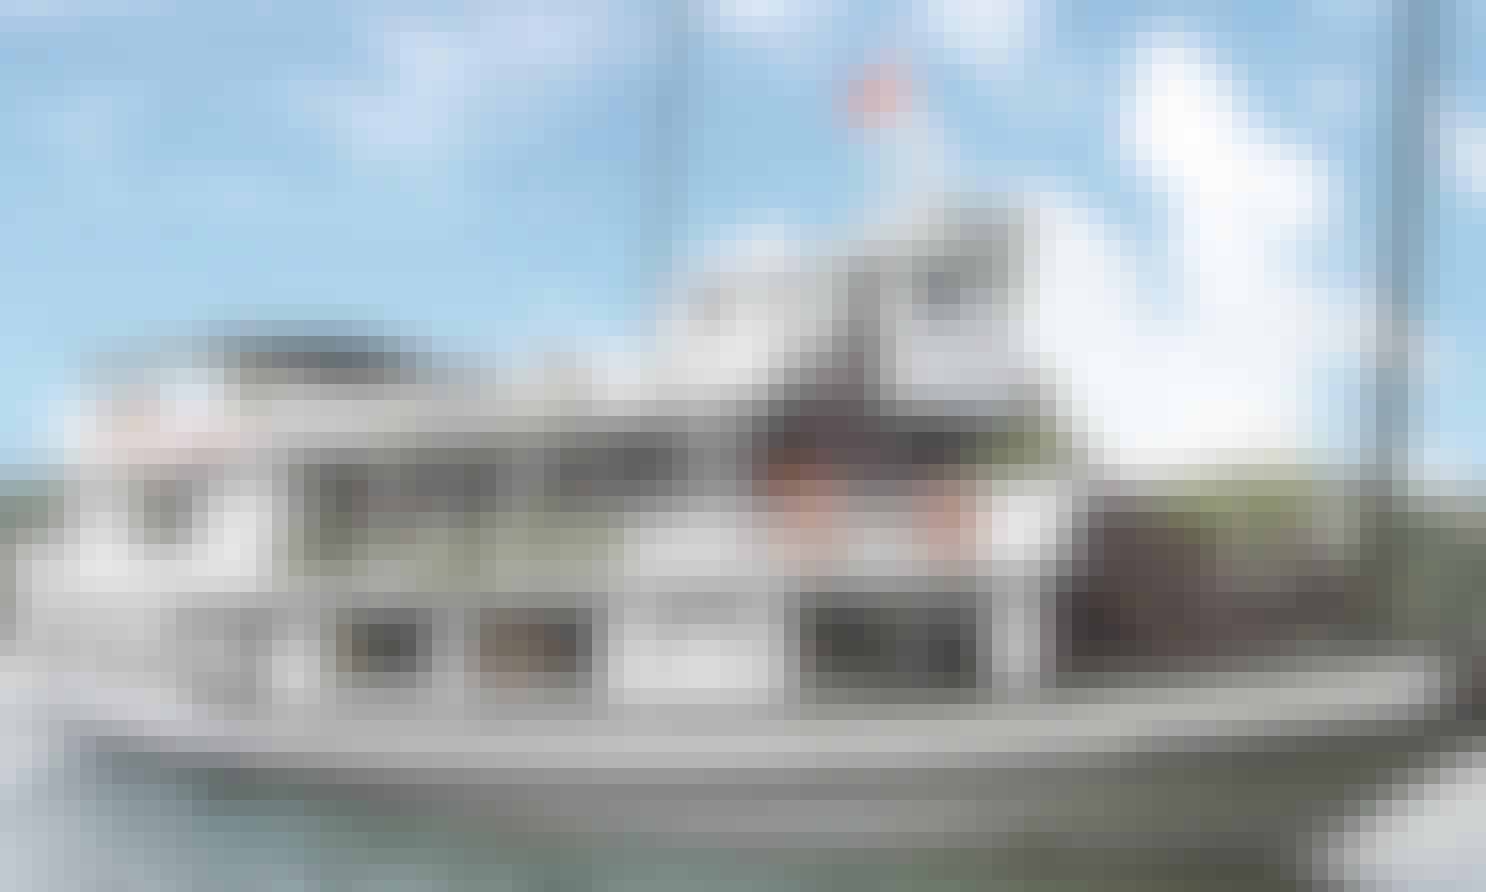 Paragon Cruise